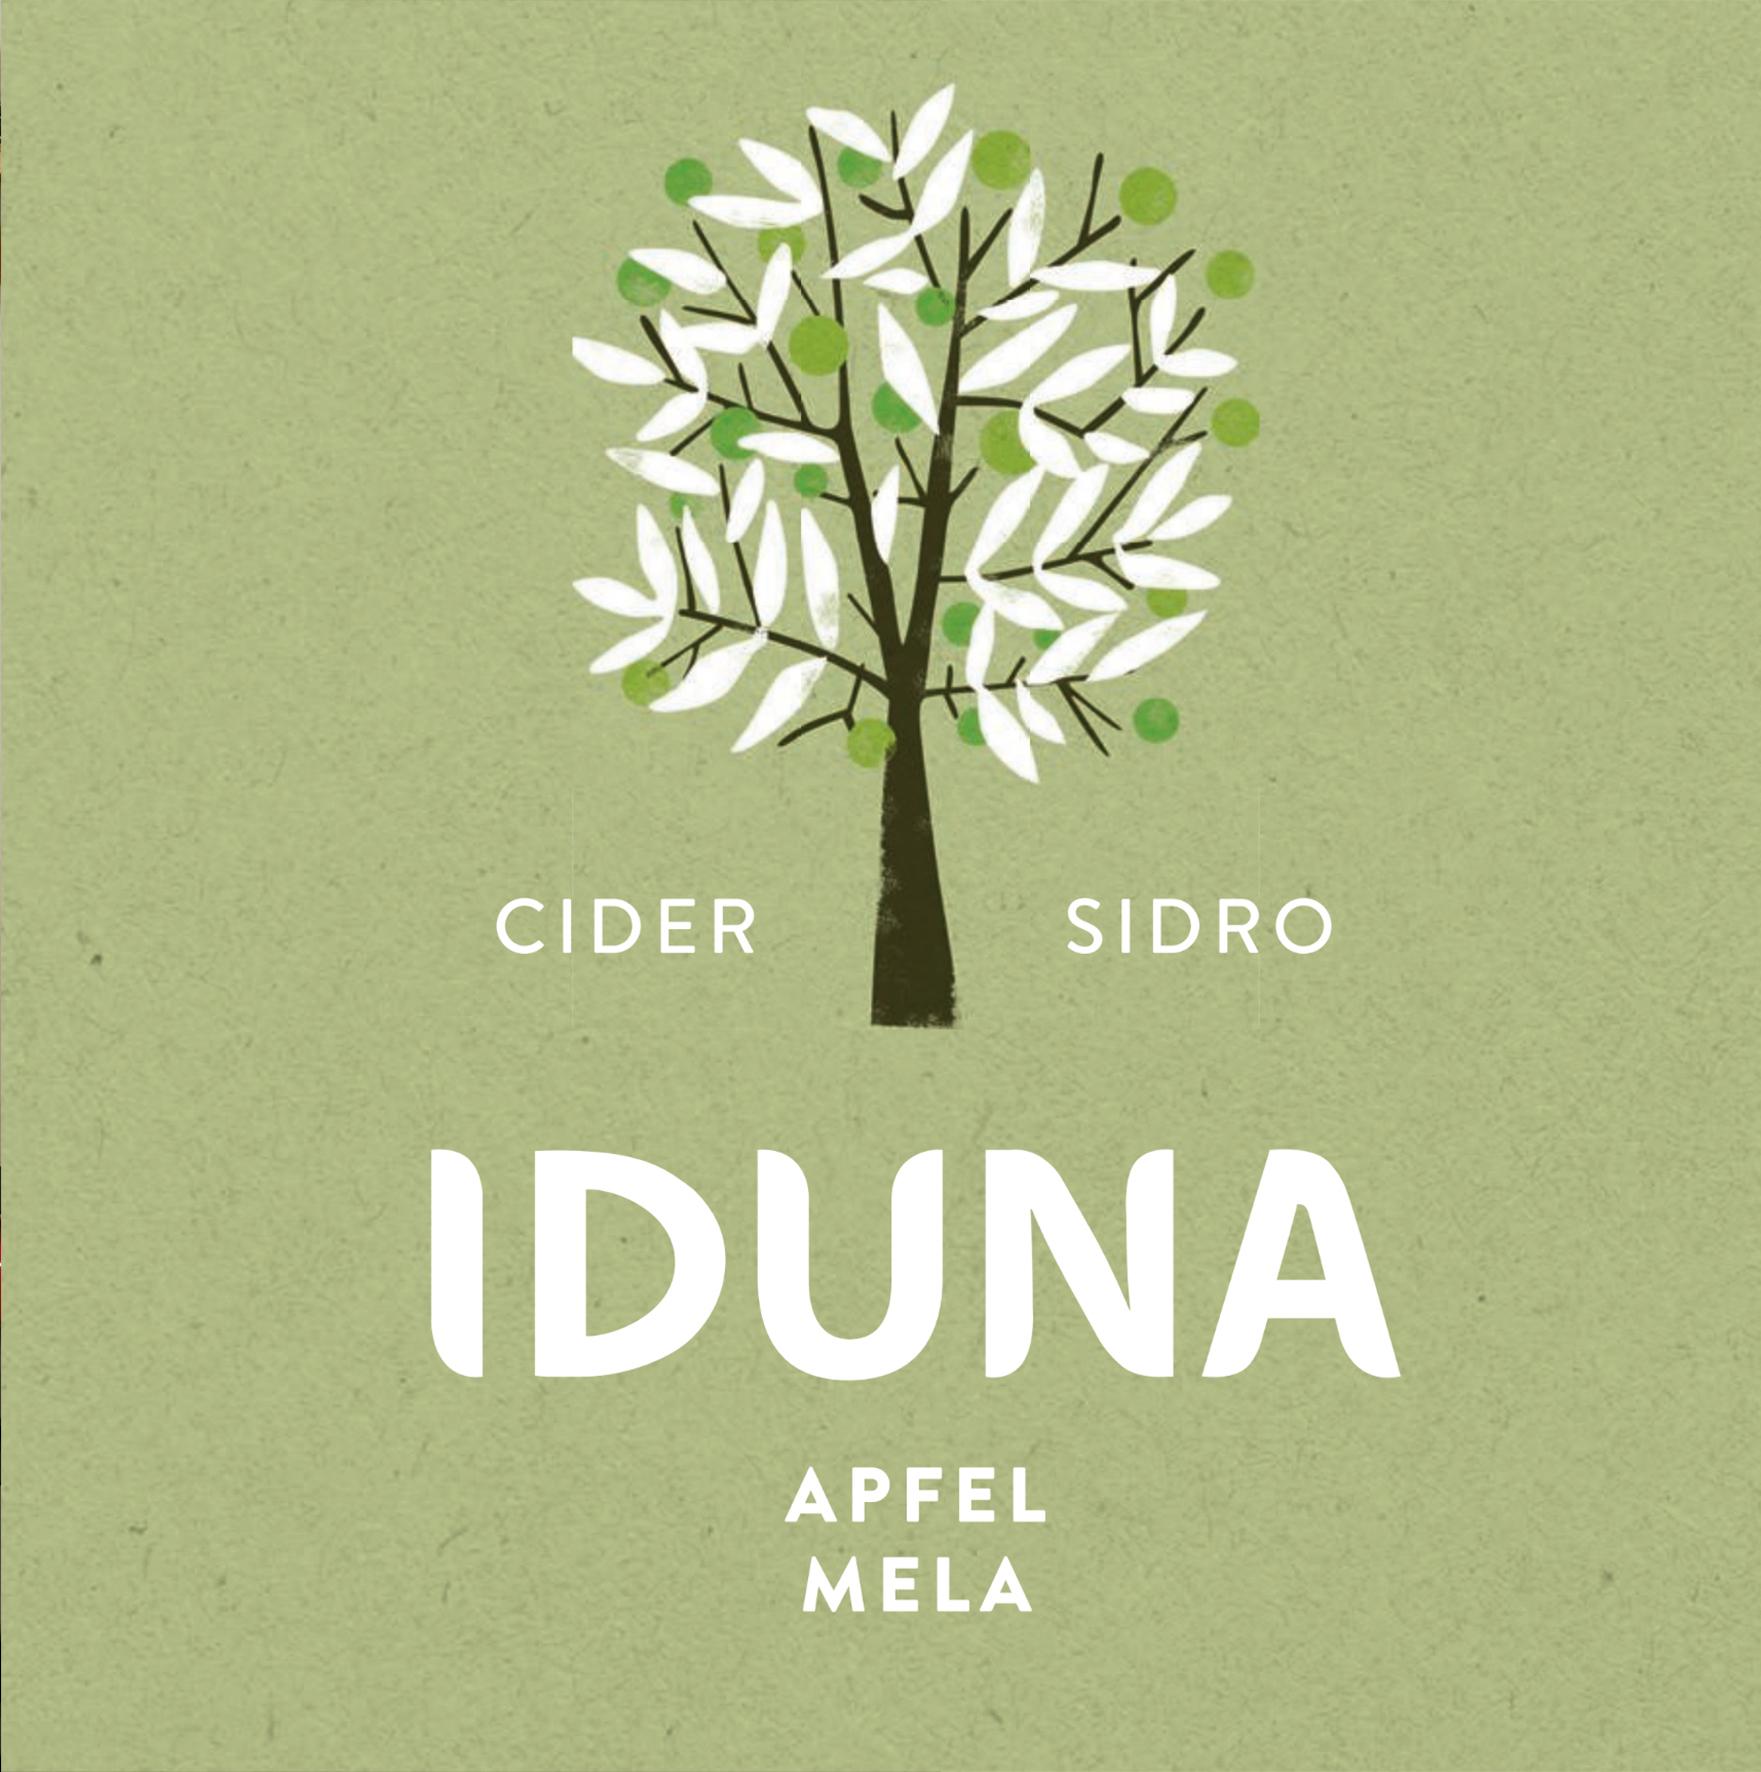 Etikette von Iduna Cider mit Apfel.